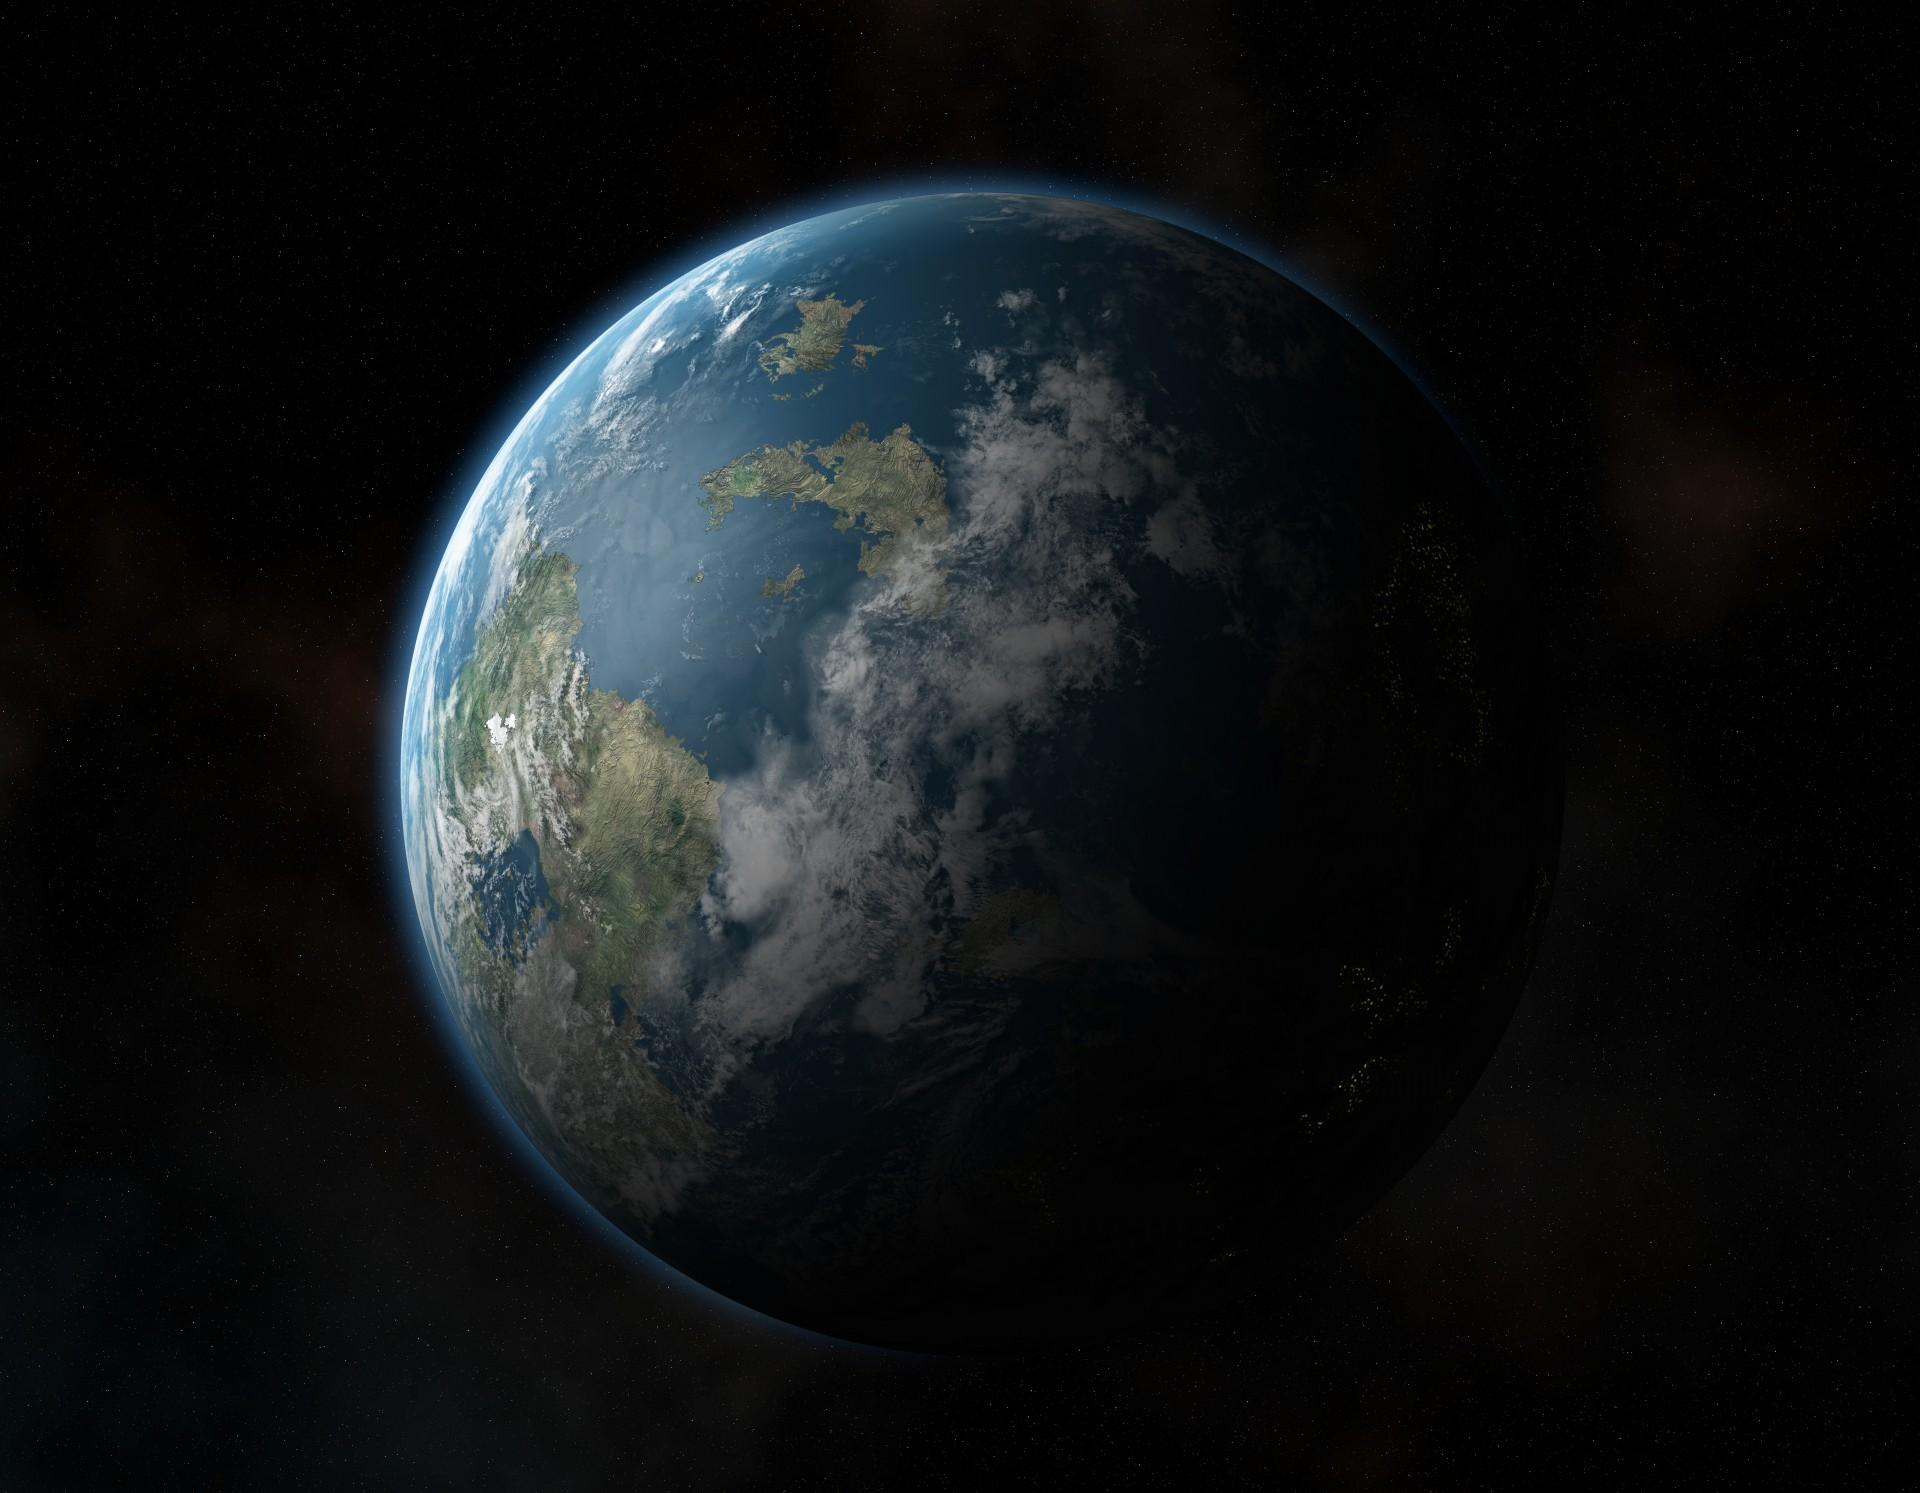 обязательно срубать фото планет земель этот момент, клянусь